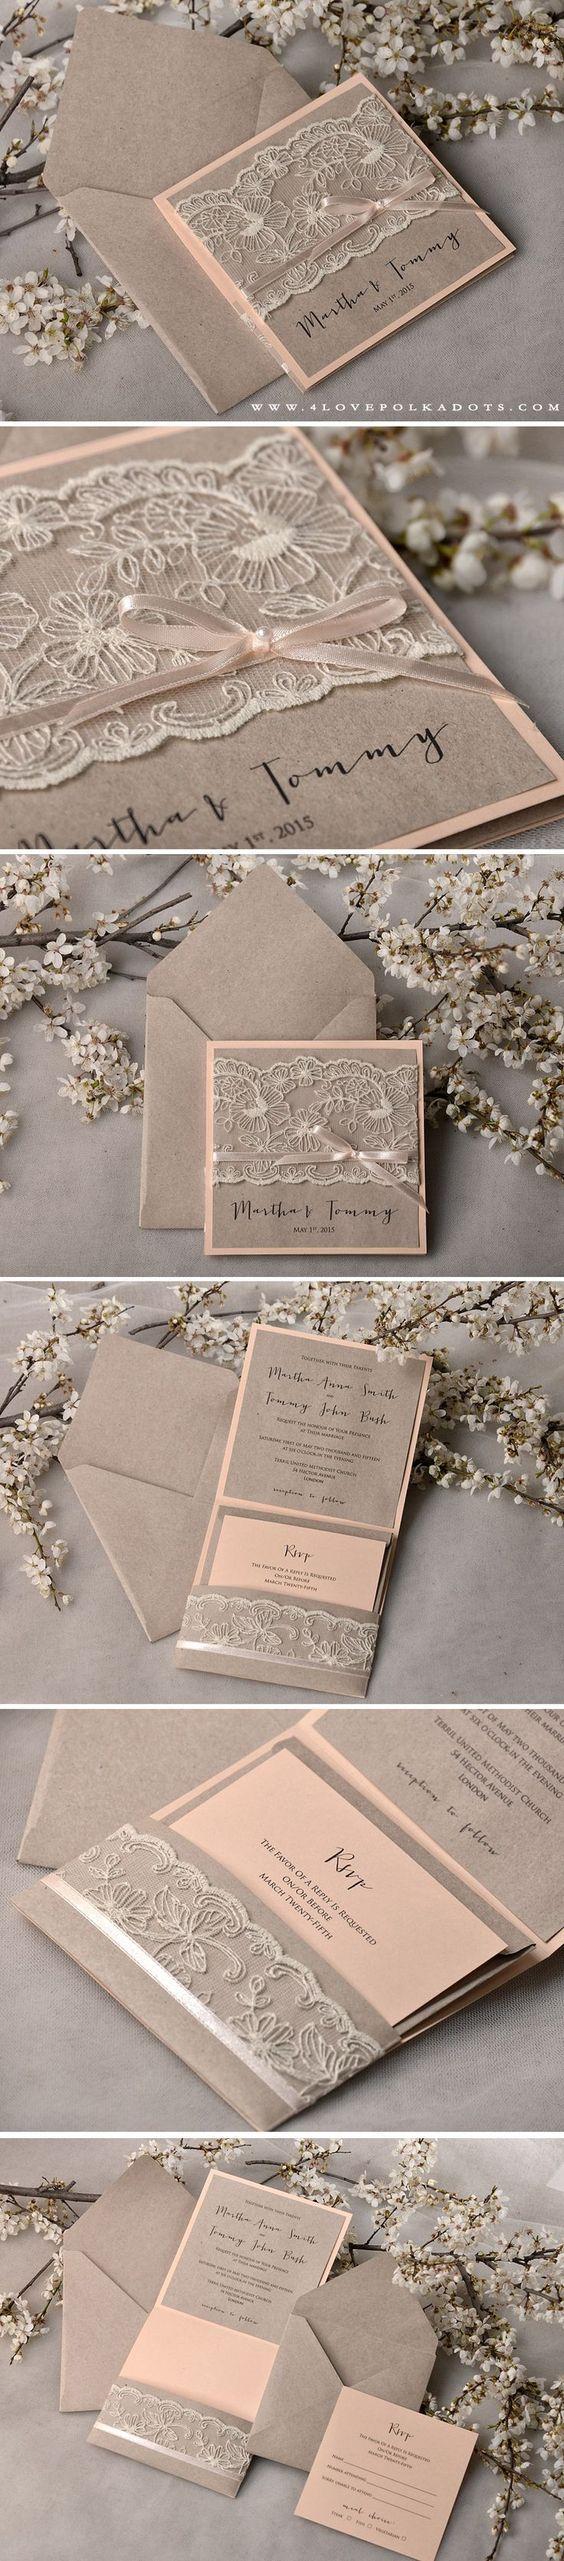 WEDDING INVITATIONS rustic   Weddingideas, Lace wedding and Peach